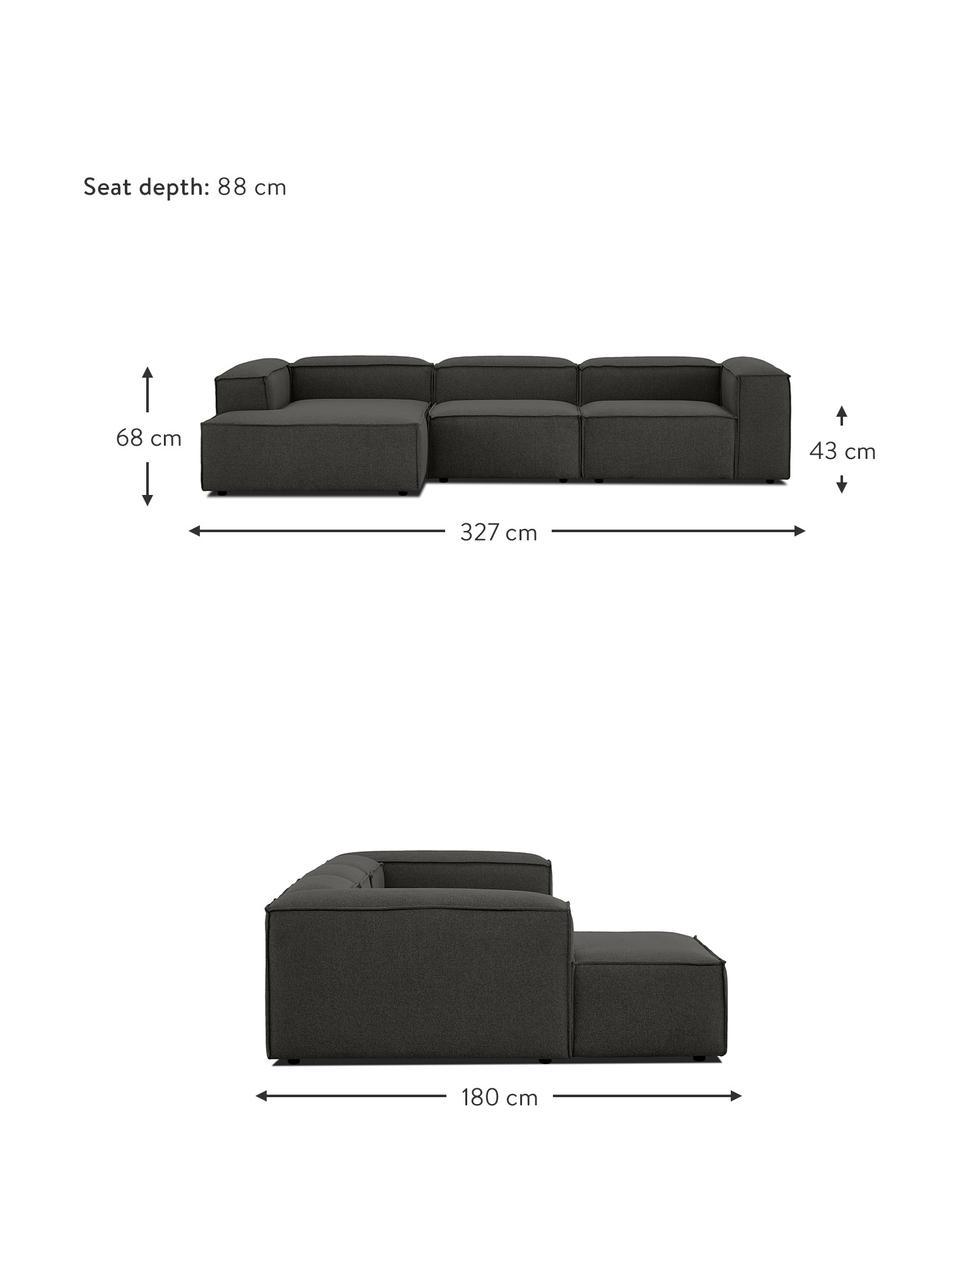 Narożna sofa modułowa Lennon, Tapicerka: 100% poliester Dzięki tka, Stelaż: lite drewno sosnowe, skle, Nogi: tworzywo sztuczne Nogi zn, Antracytowy, S 327 x G 180 cm